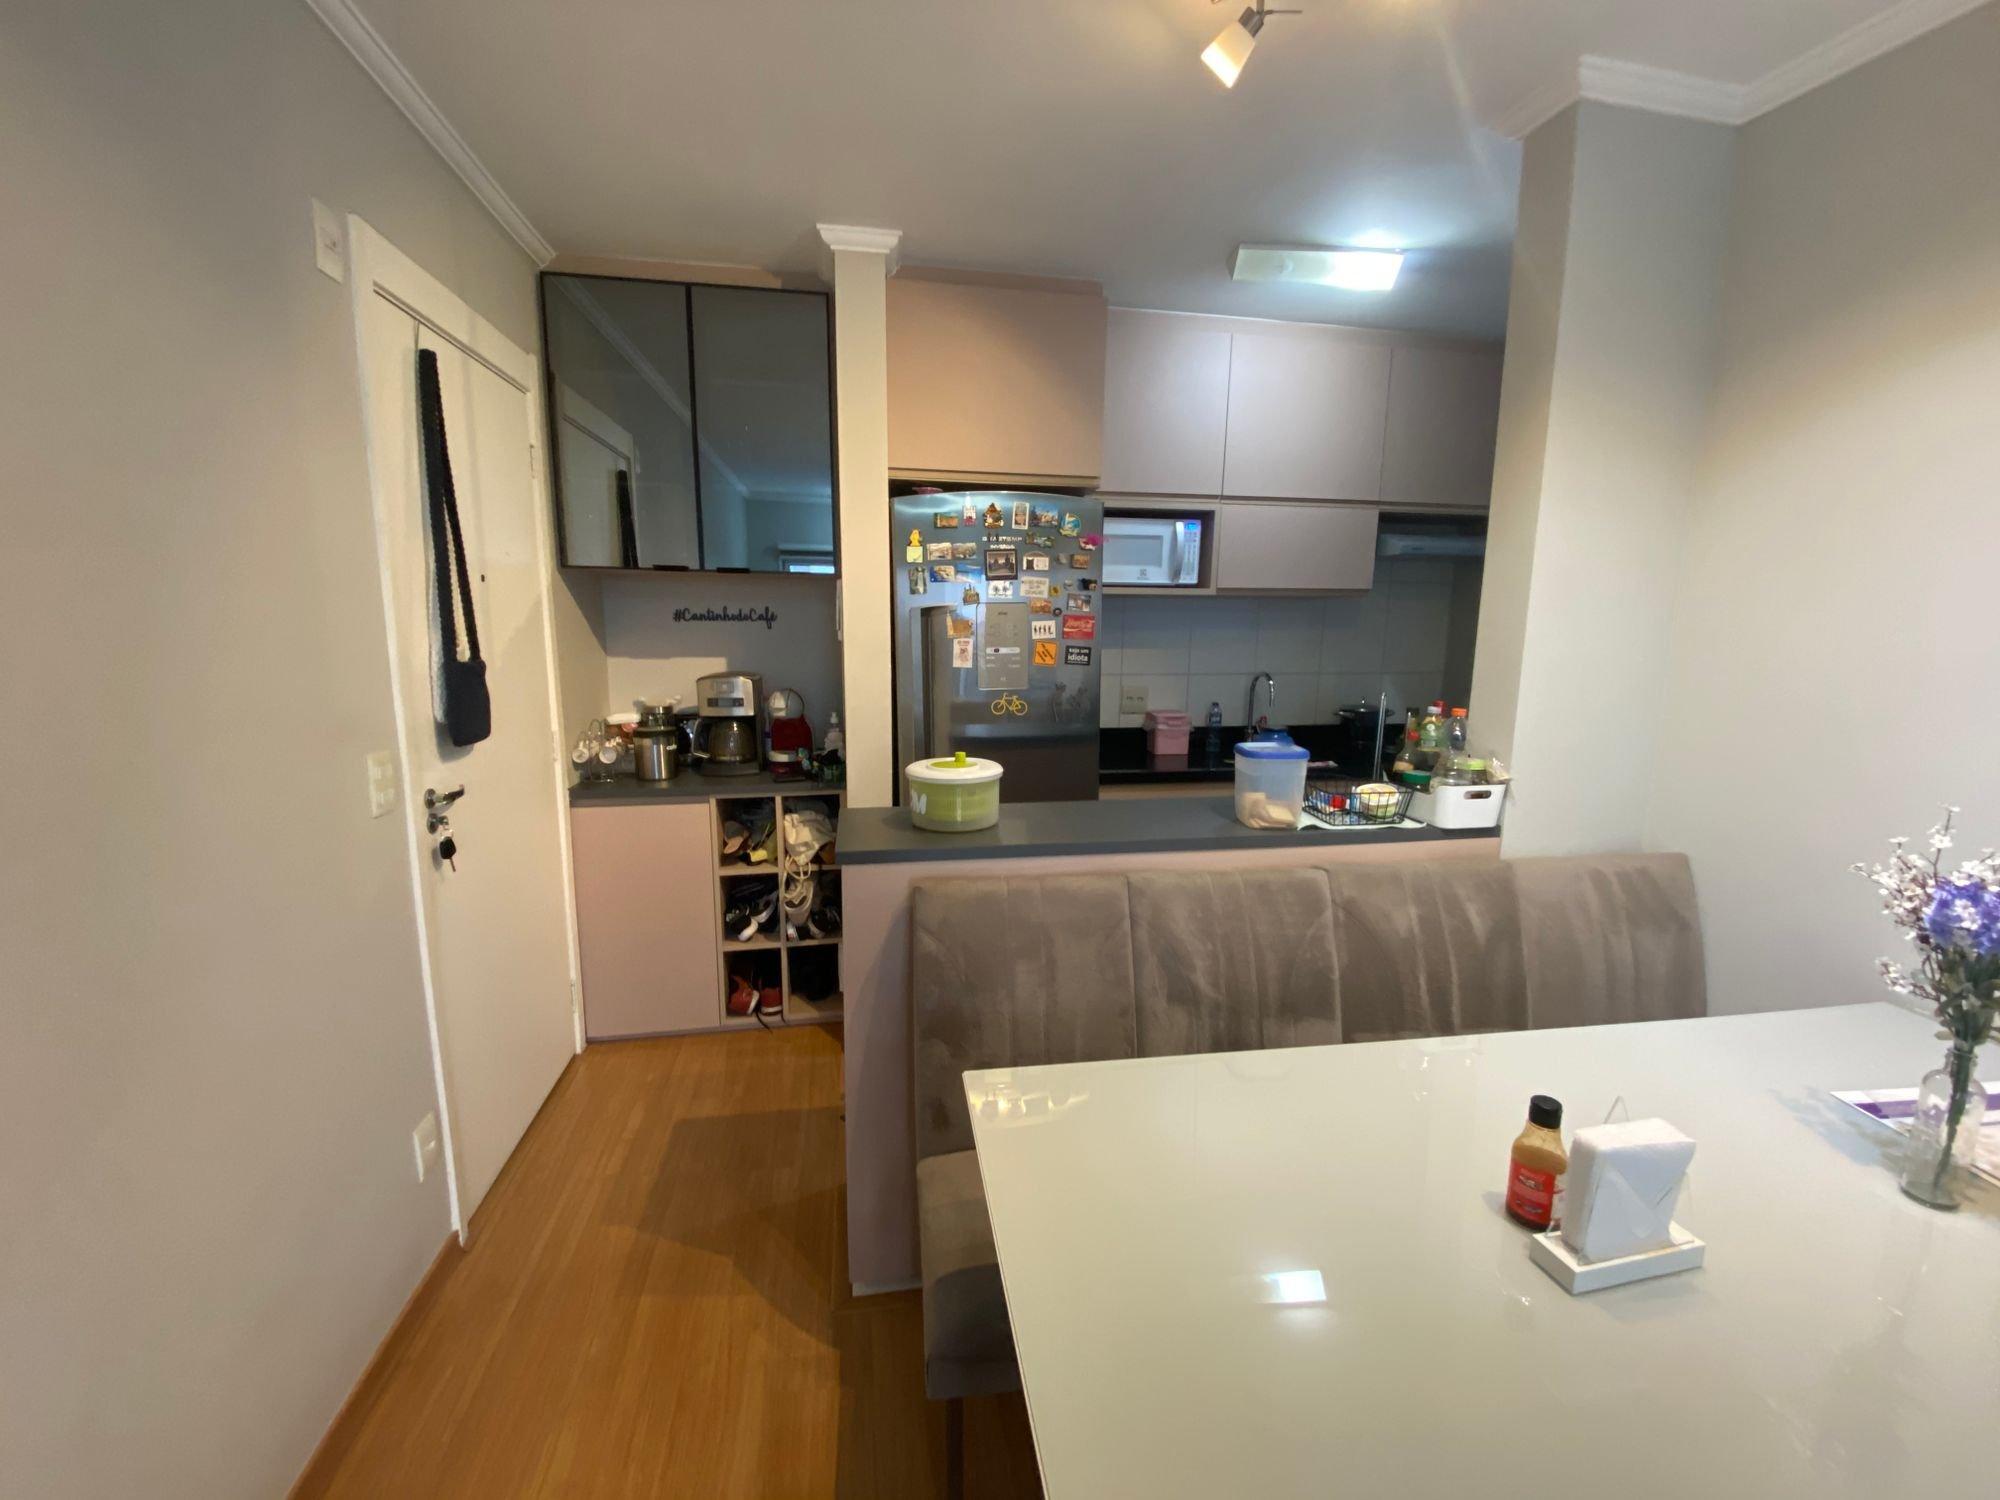 Foto de Cozinha com vaso, geladeira, microondas, mesa de jantar